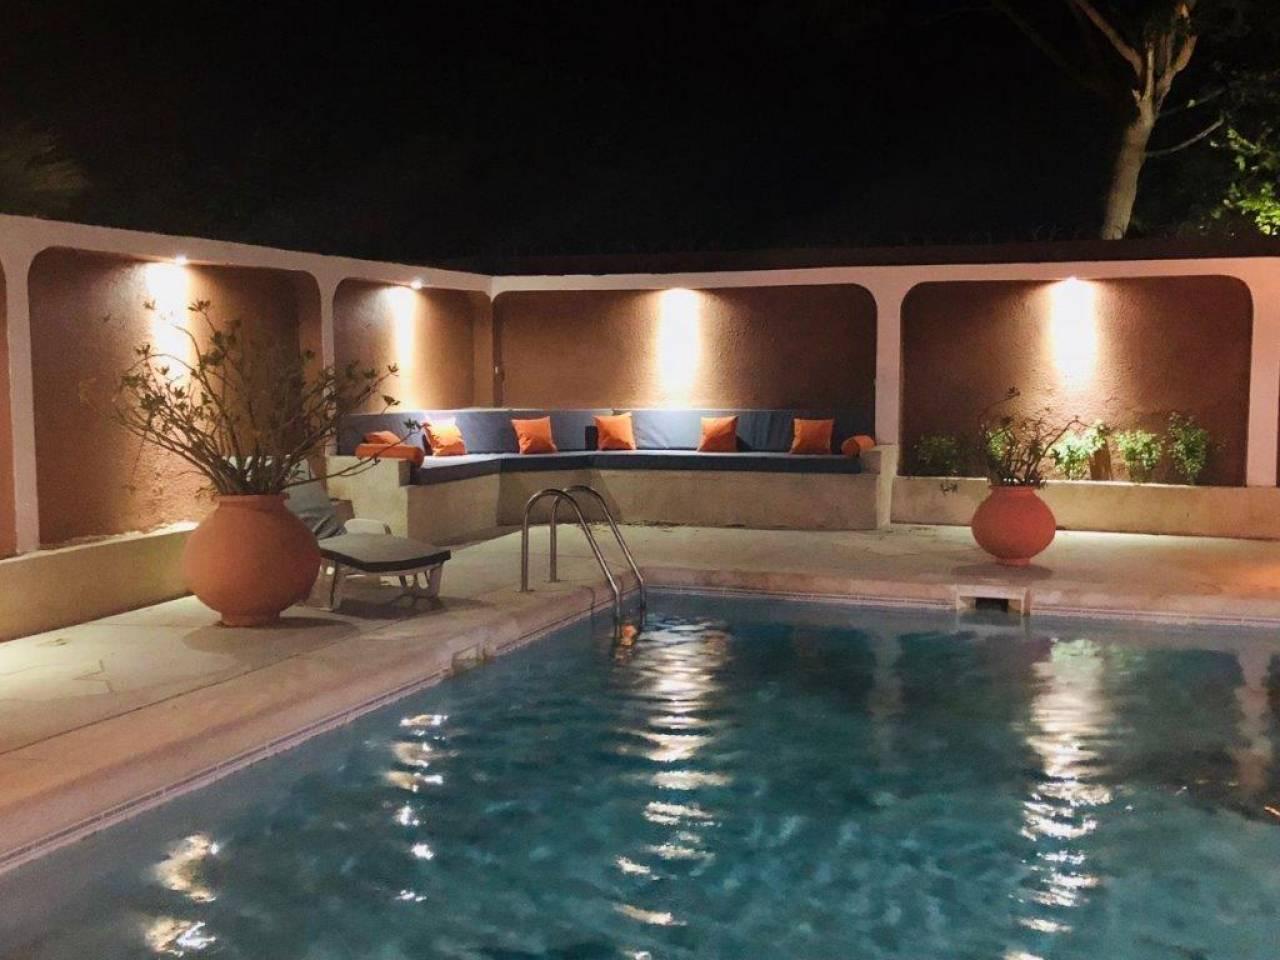 En résidence, villa à louer à l'année, en bord de mer